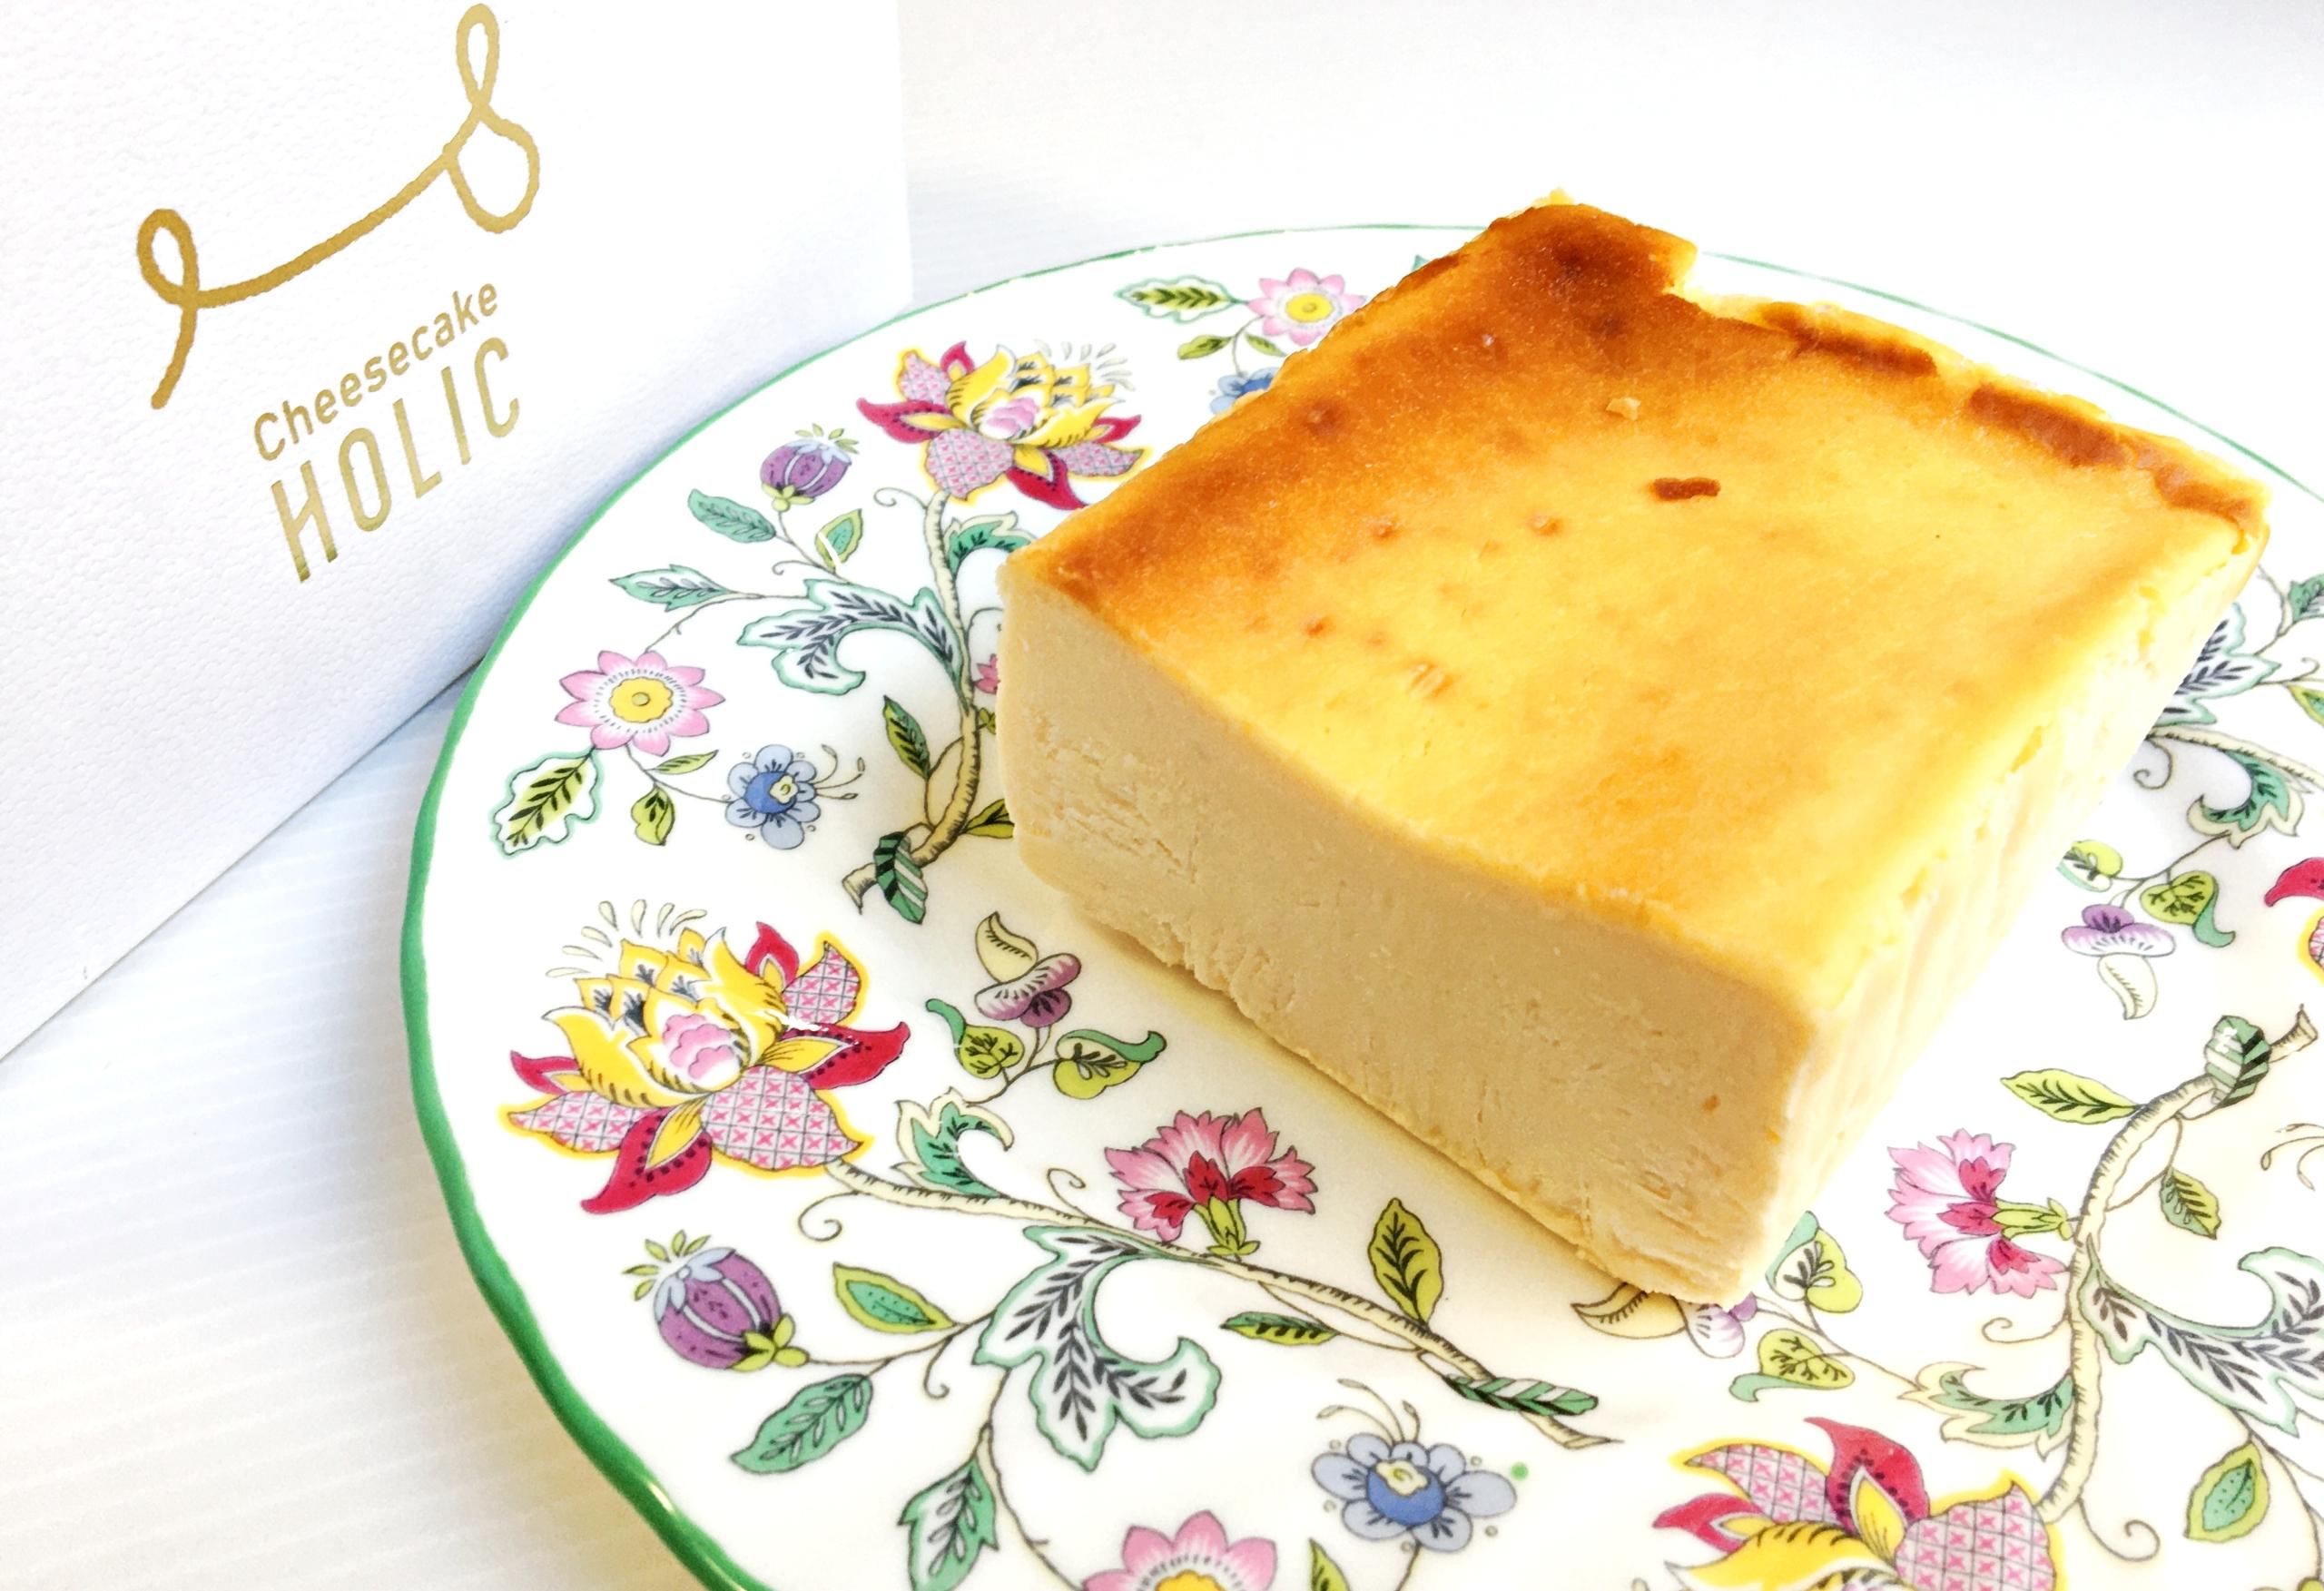 柑橘の爽やかな香りがたまらない!チーズケーキホリックのクリームチーズケーキを徹底レビュー